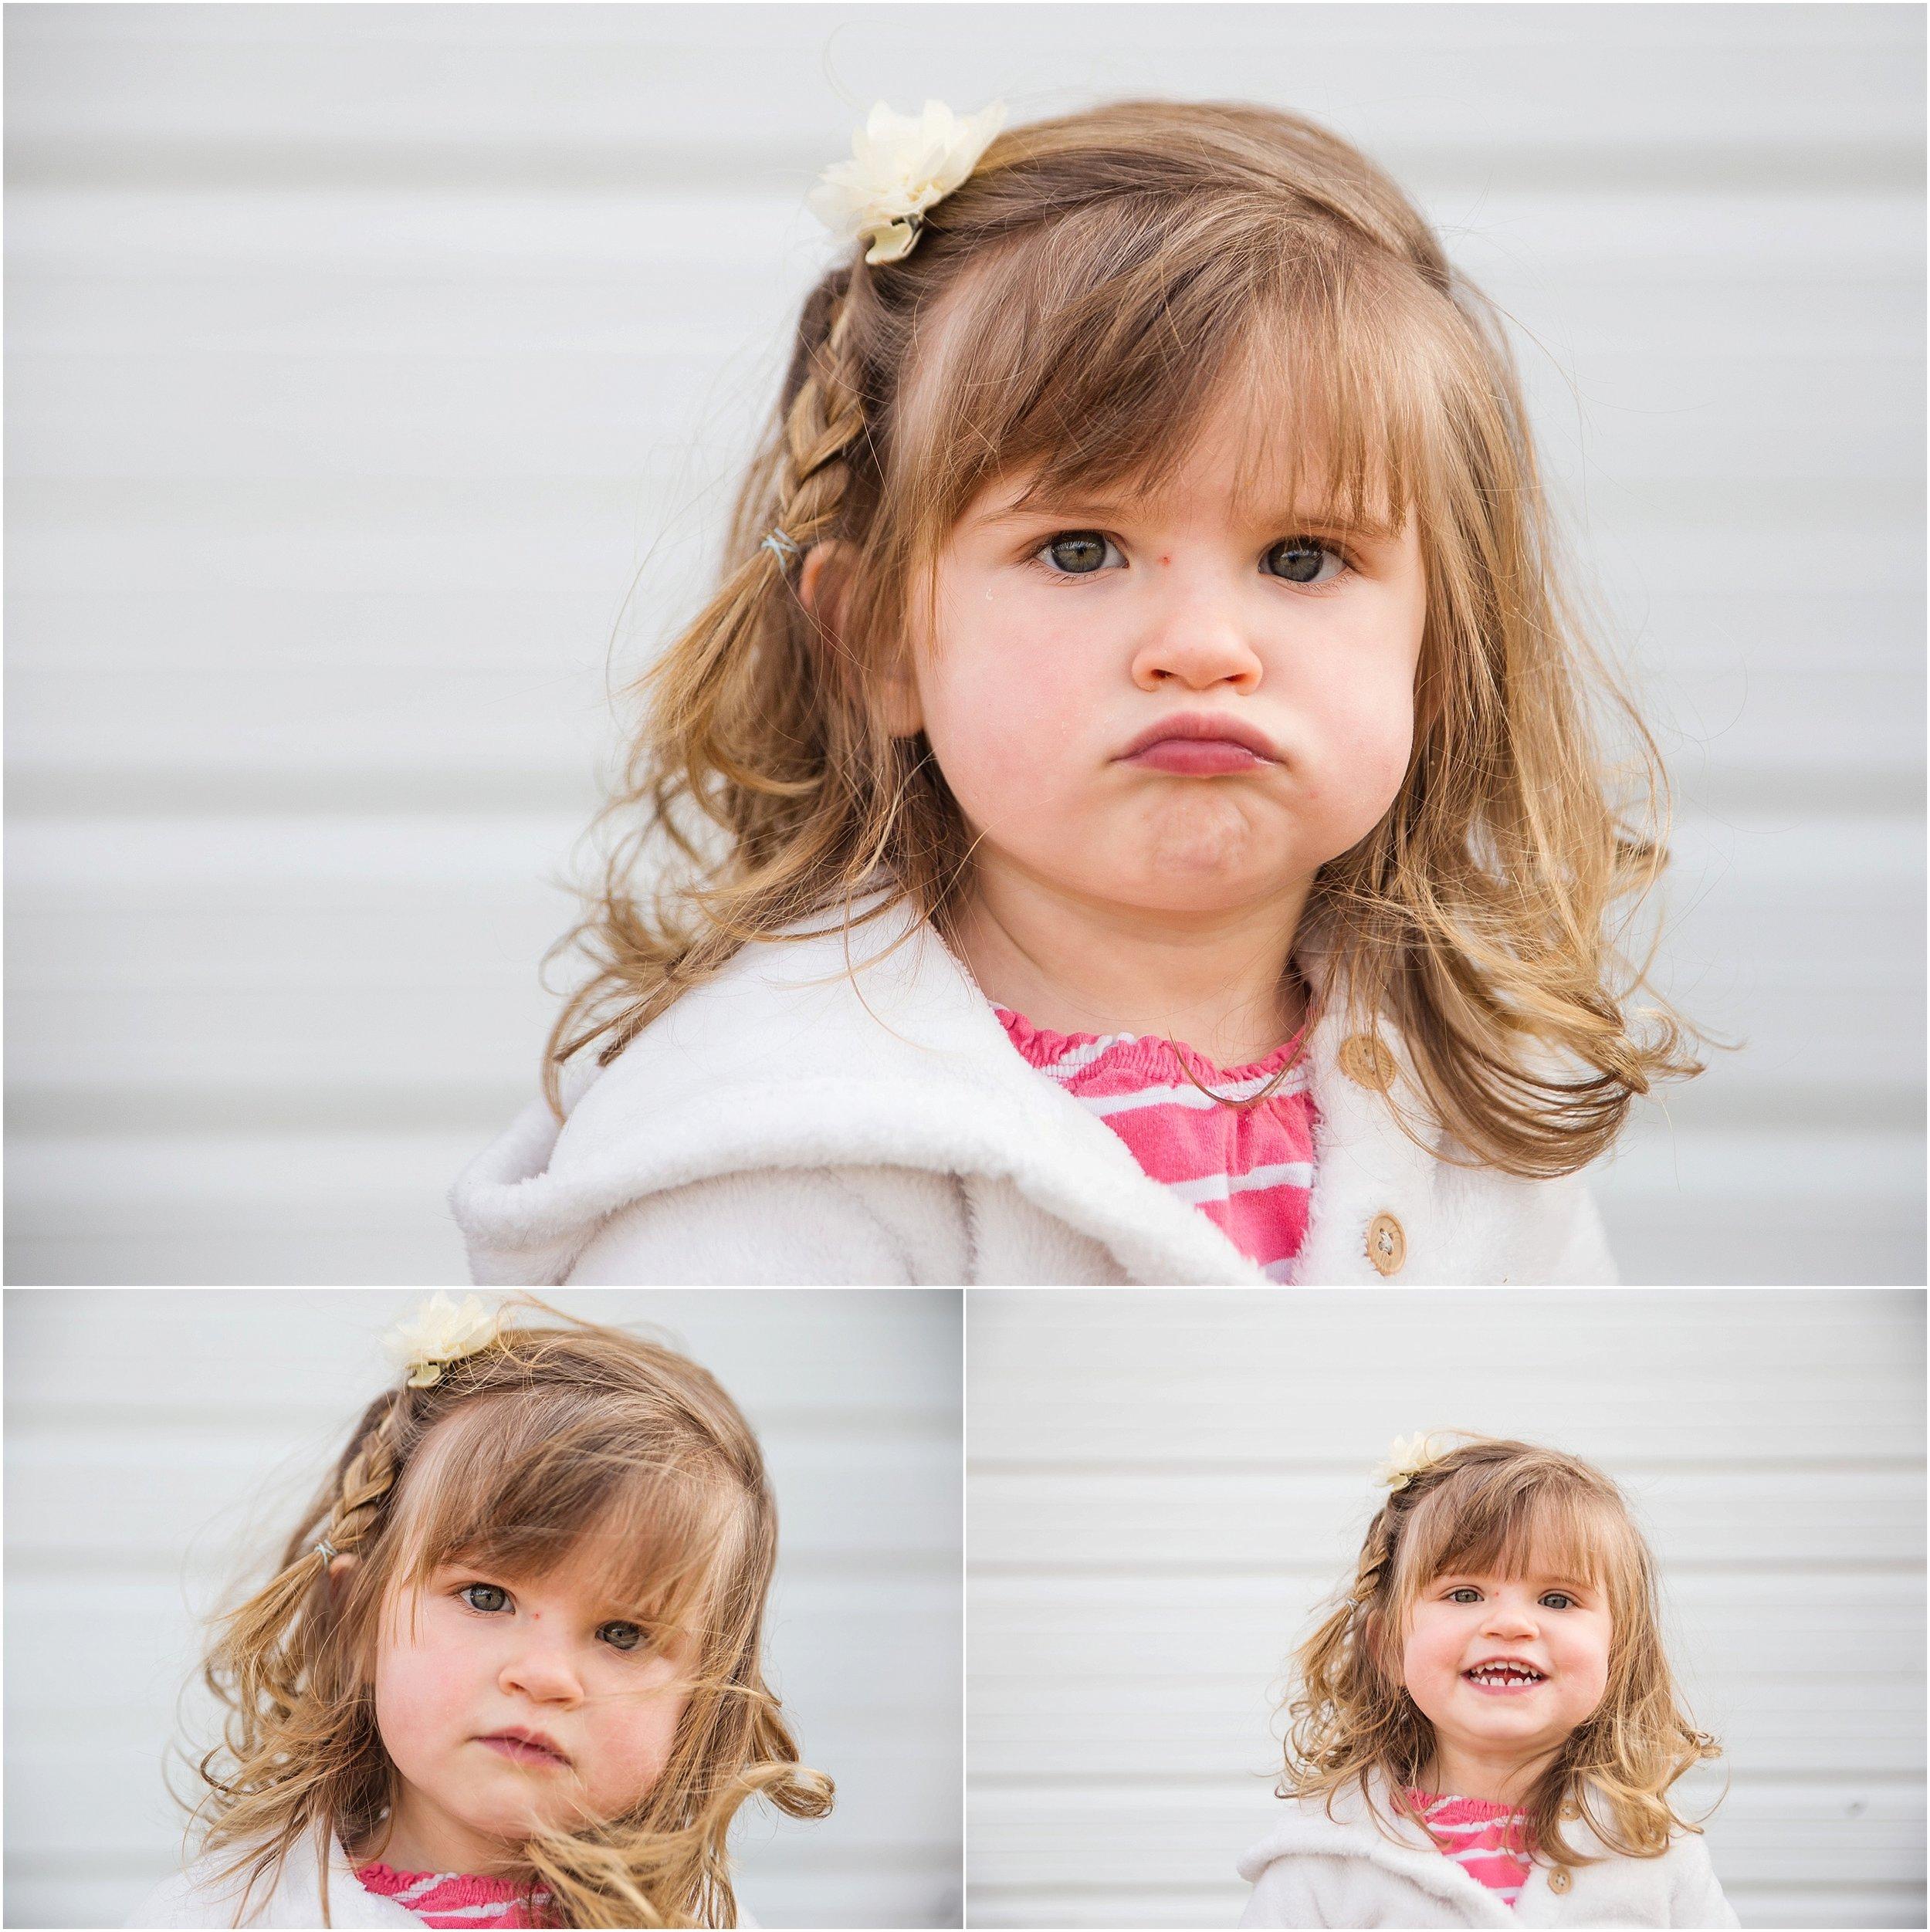 little girl toddler portrait